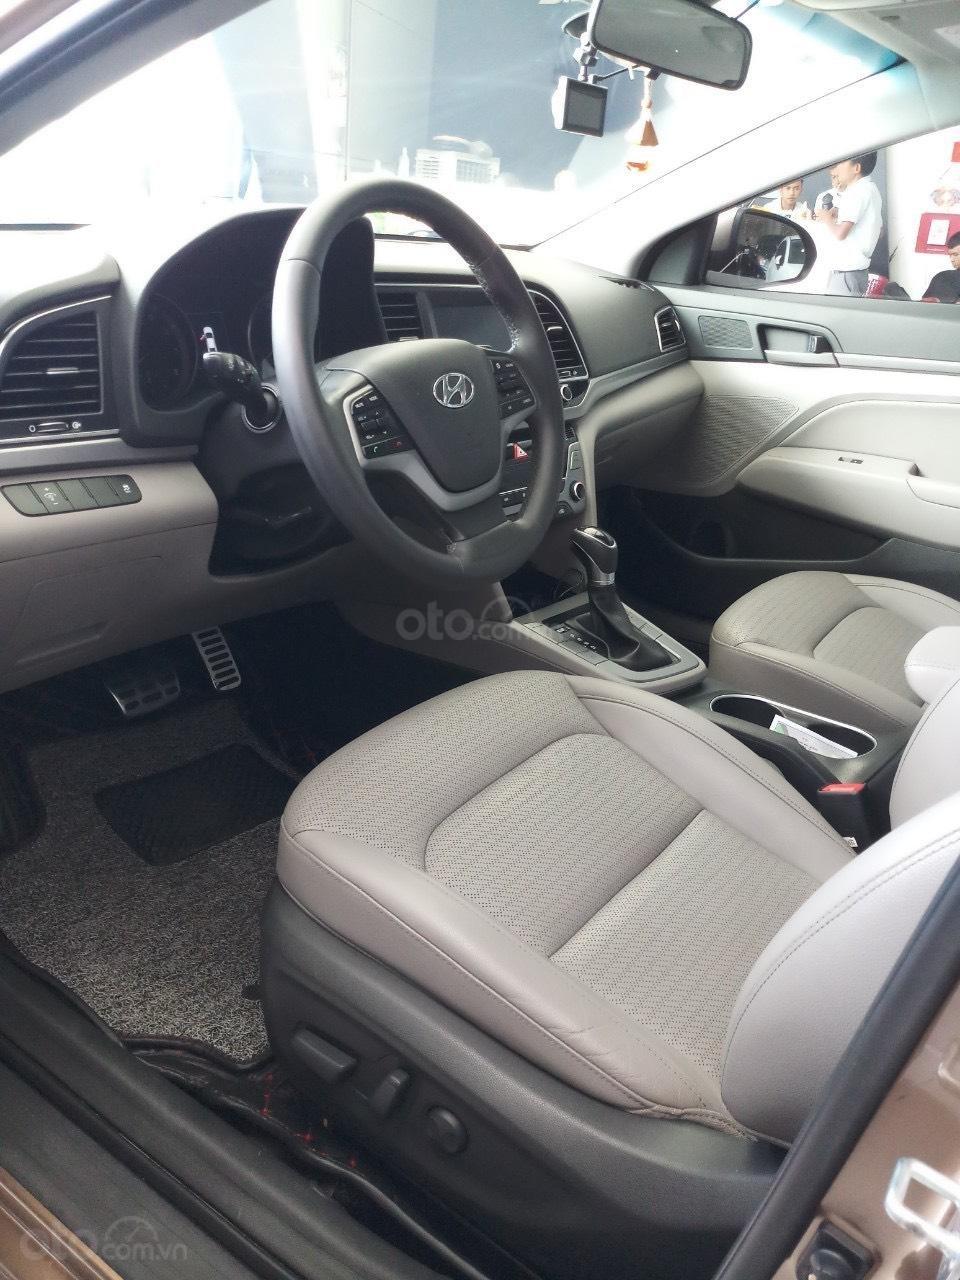 Cần bán Hyundai Elantra 2.0 AT vàng cát 2017 đẹp nguyên bản như mới (10)